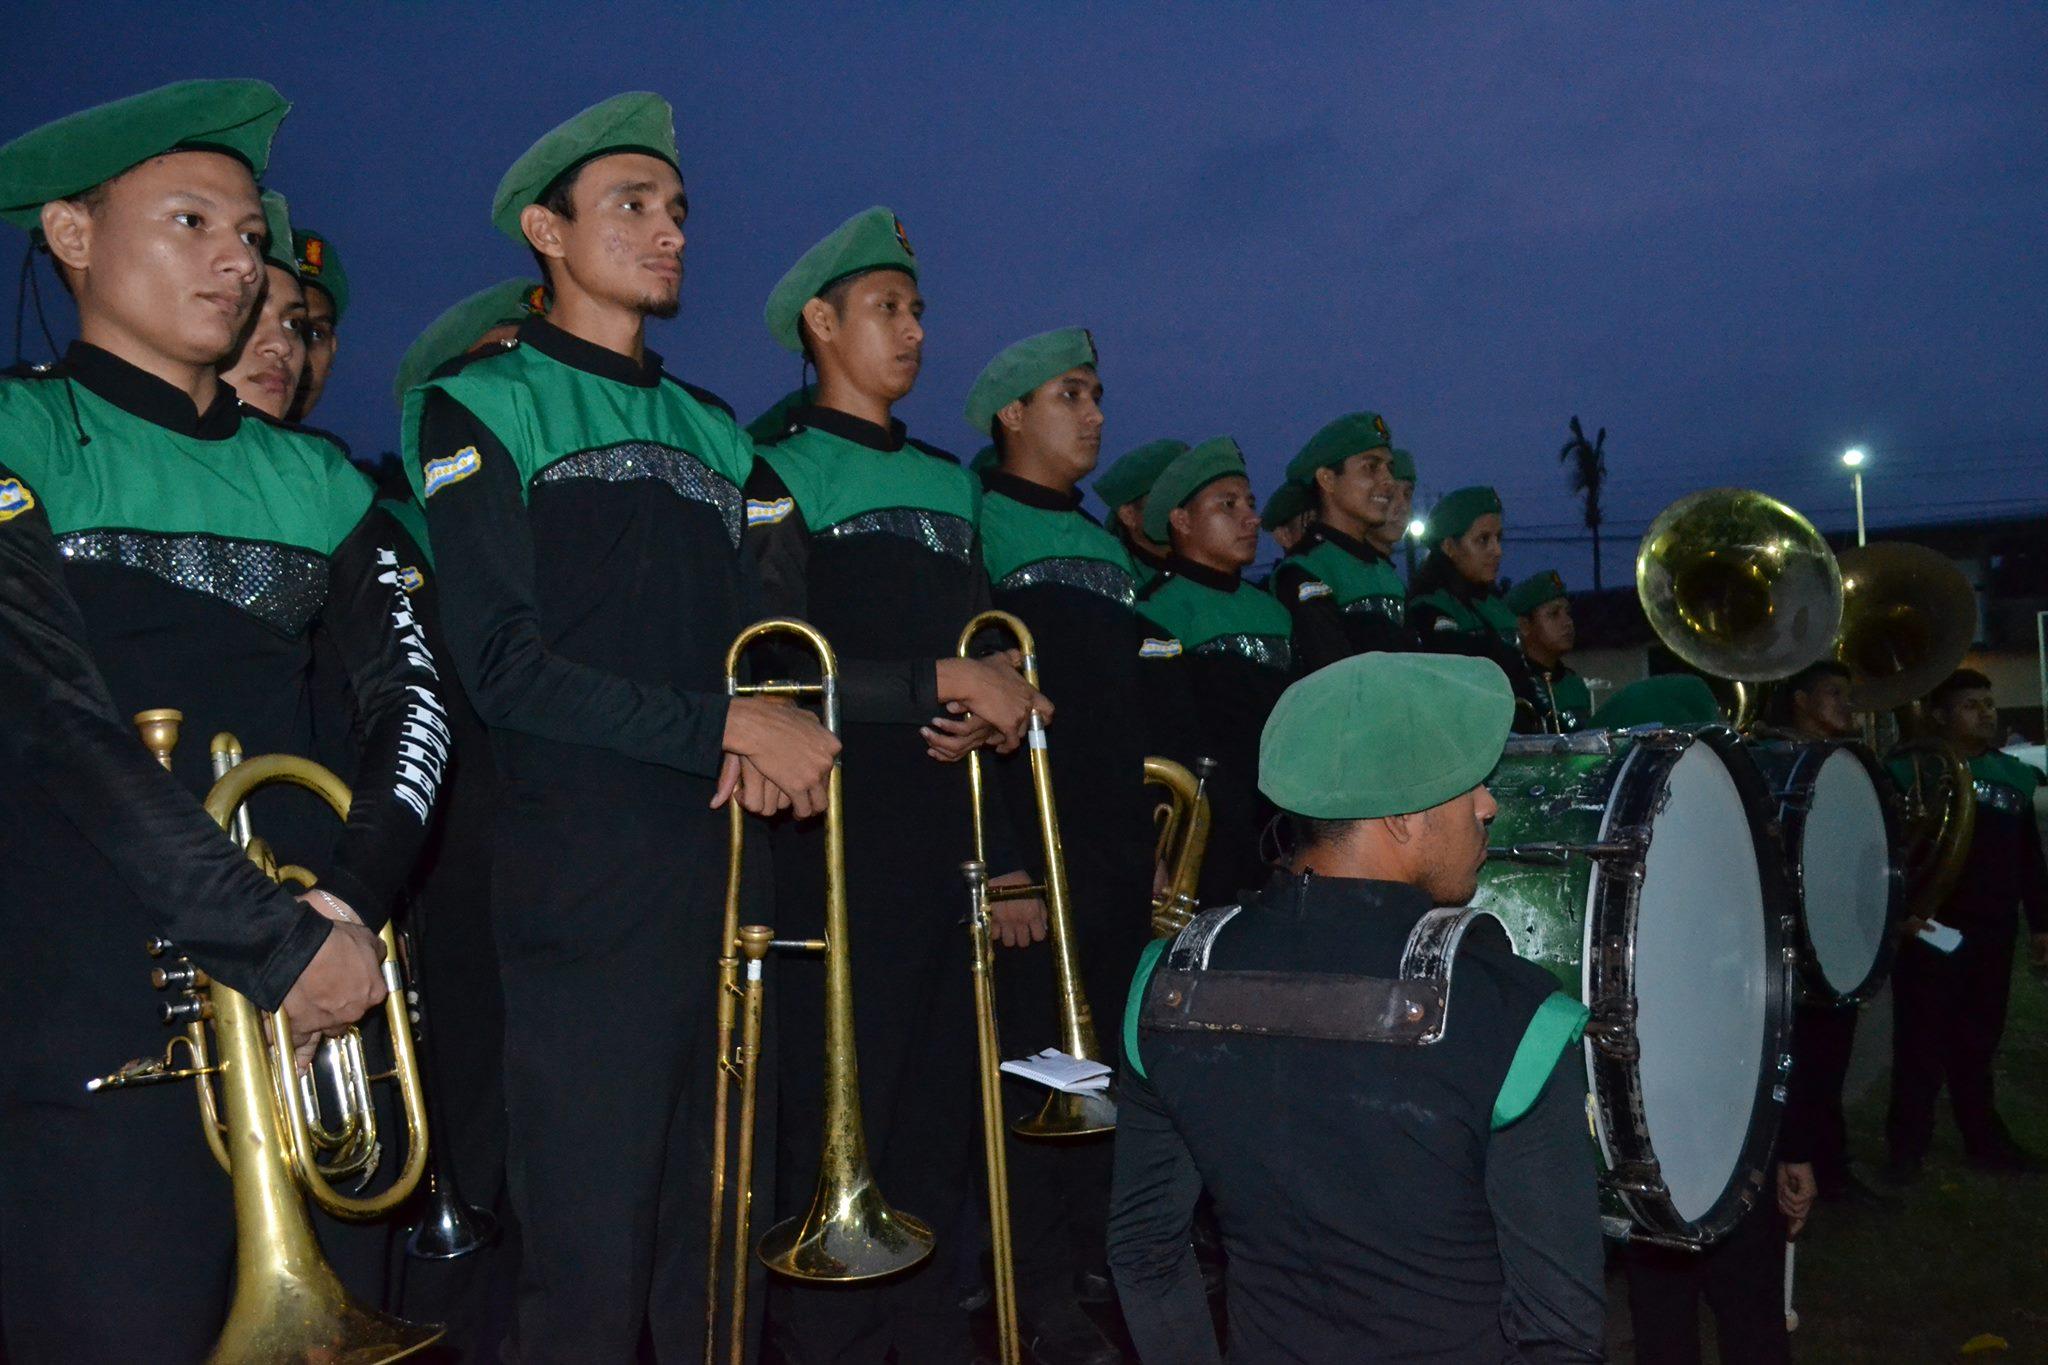 Banda musical de El Salvador en Italia.